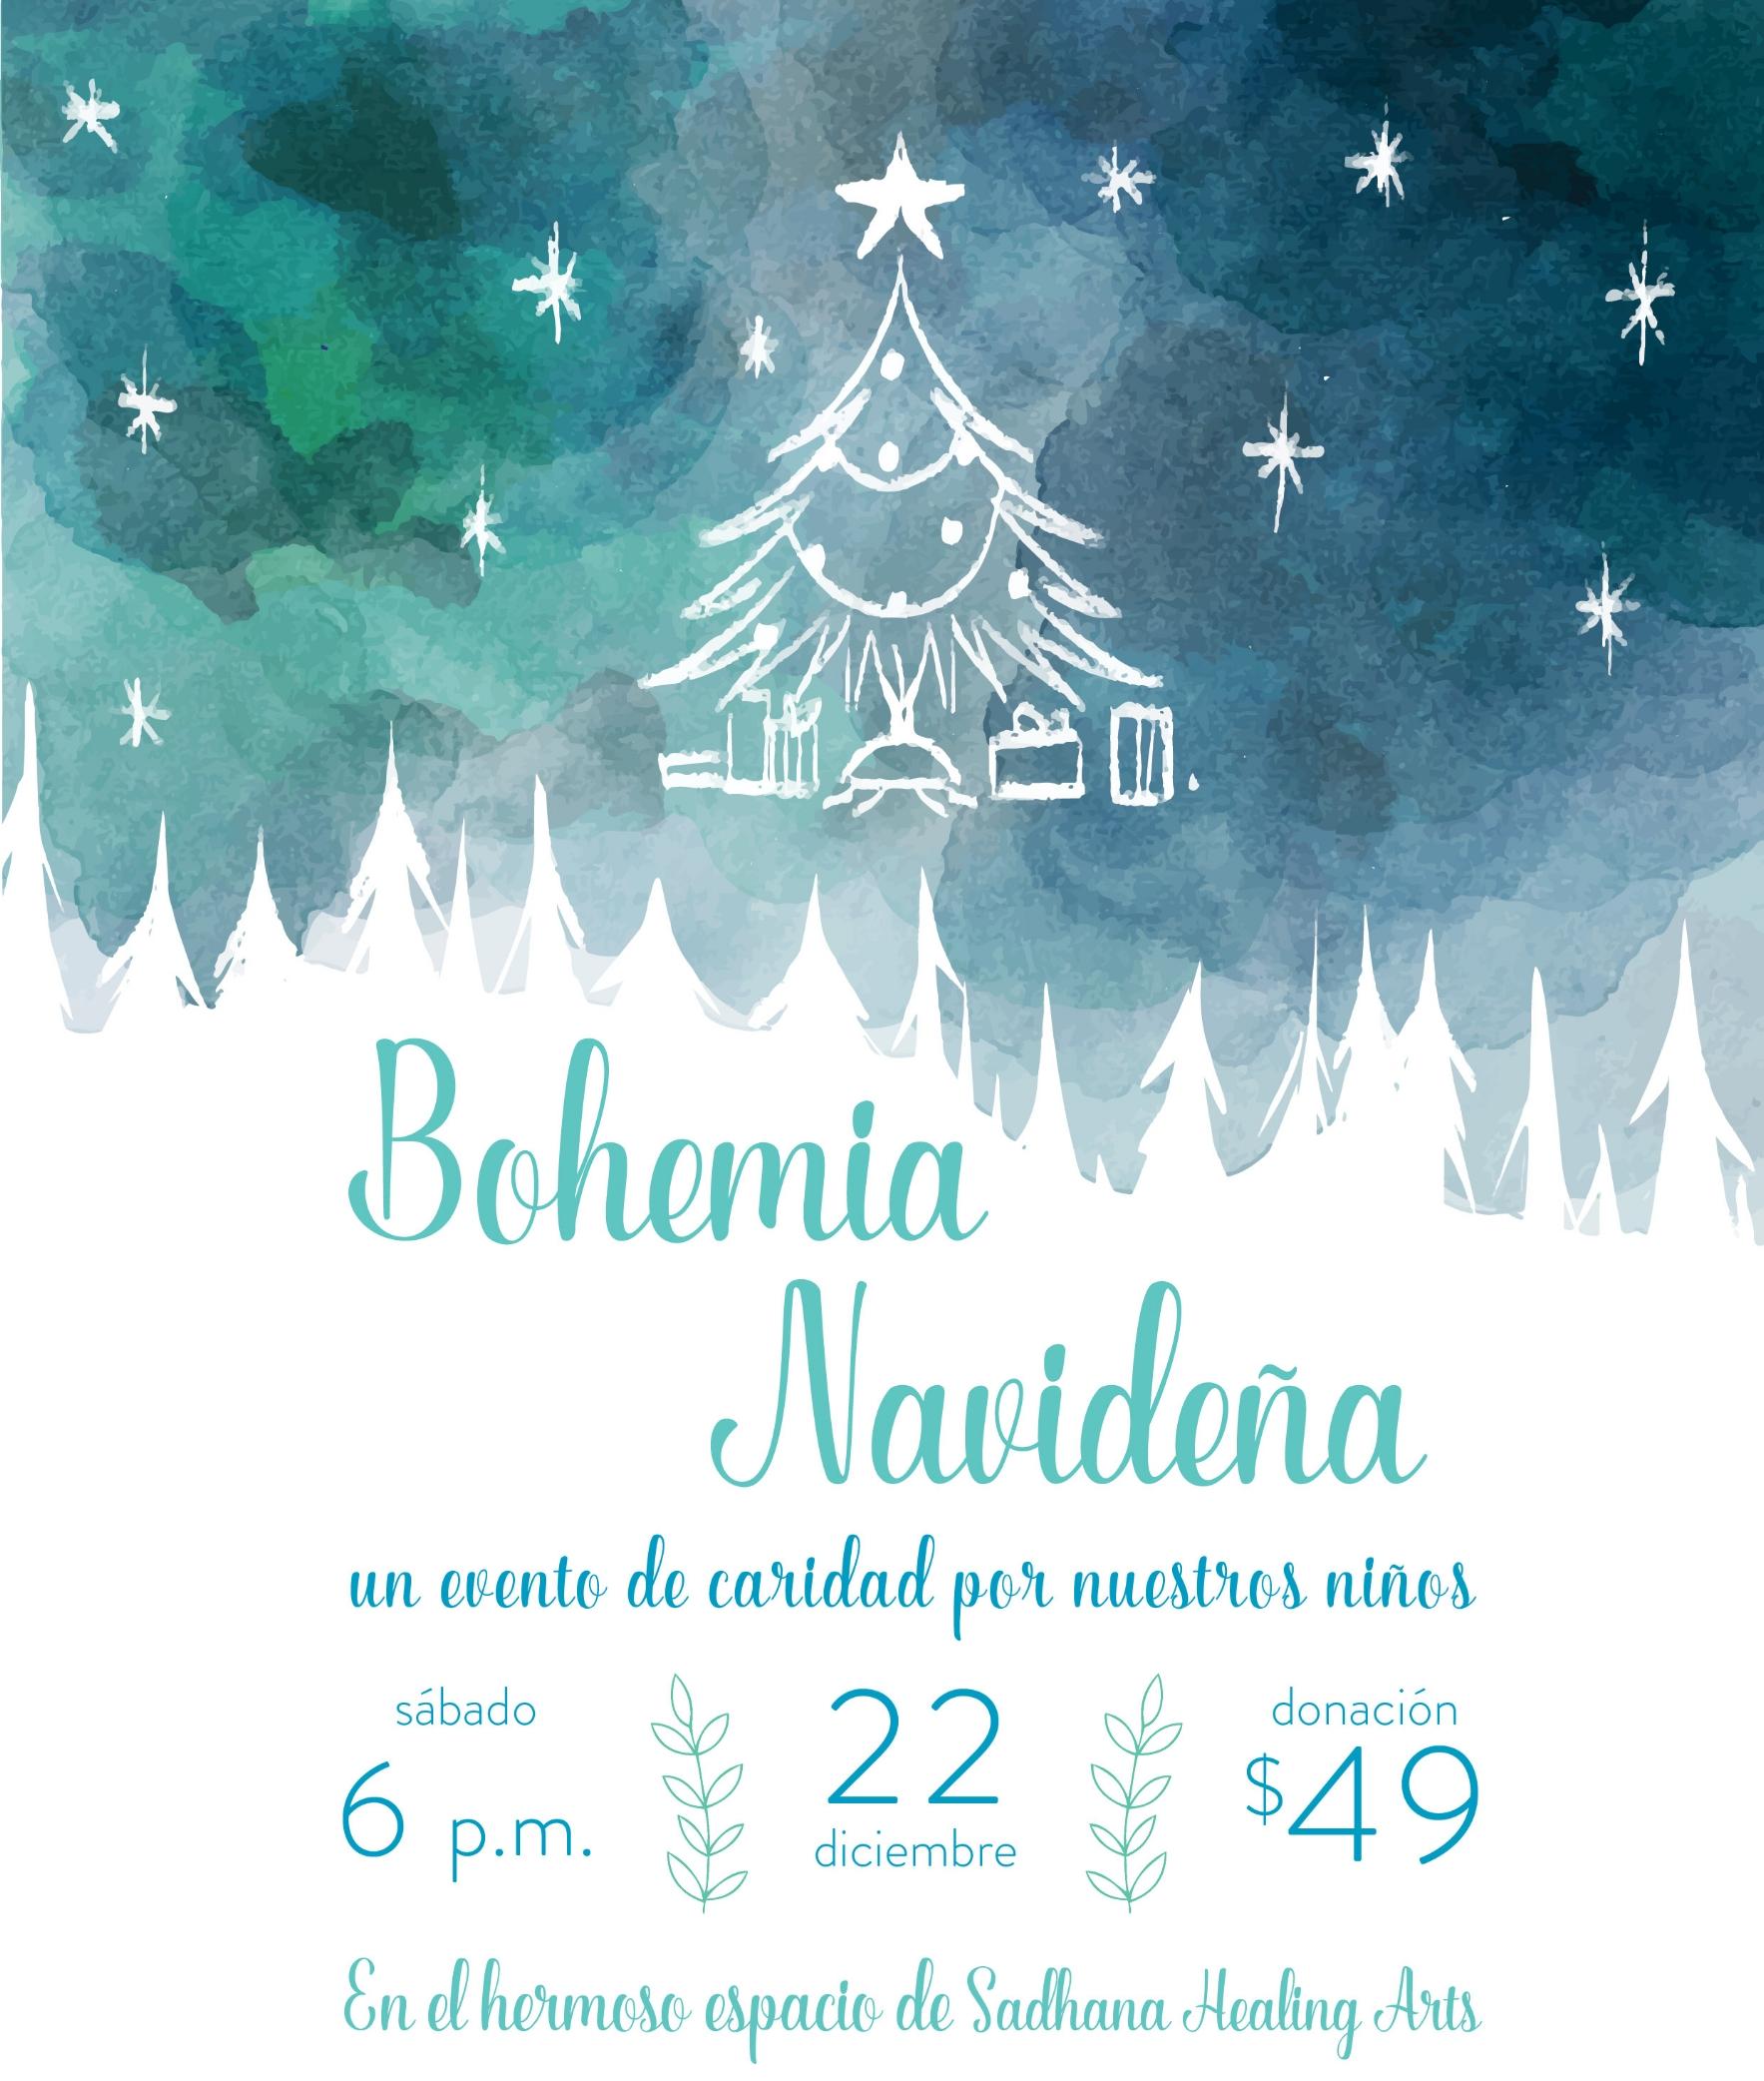 Bohemia Navideña 2019 v2.jpg